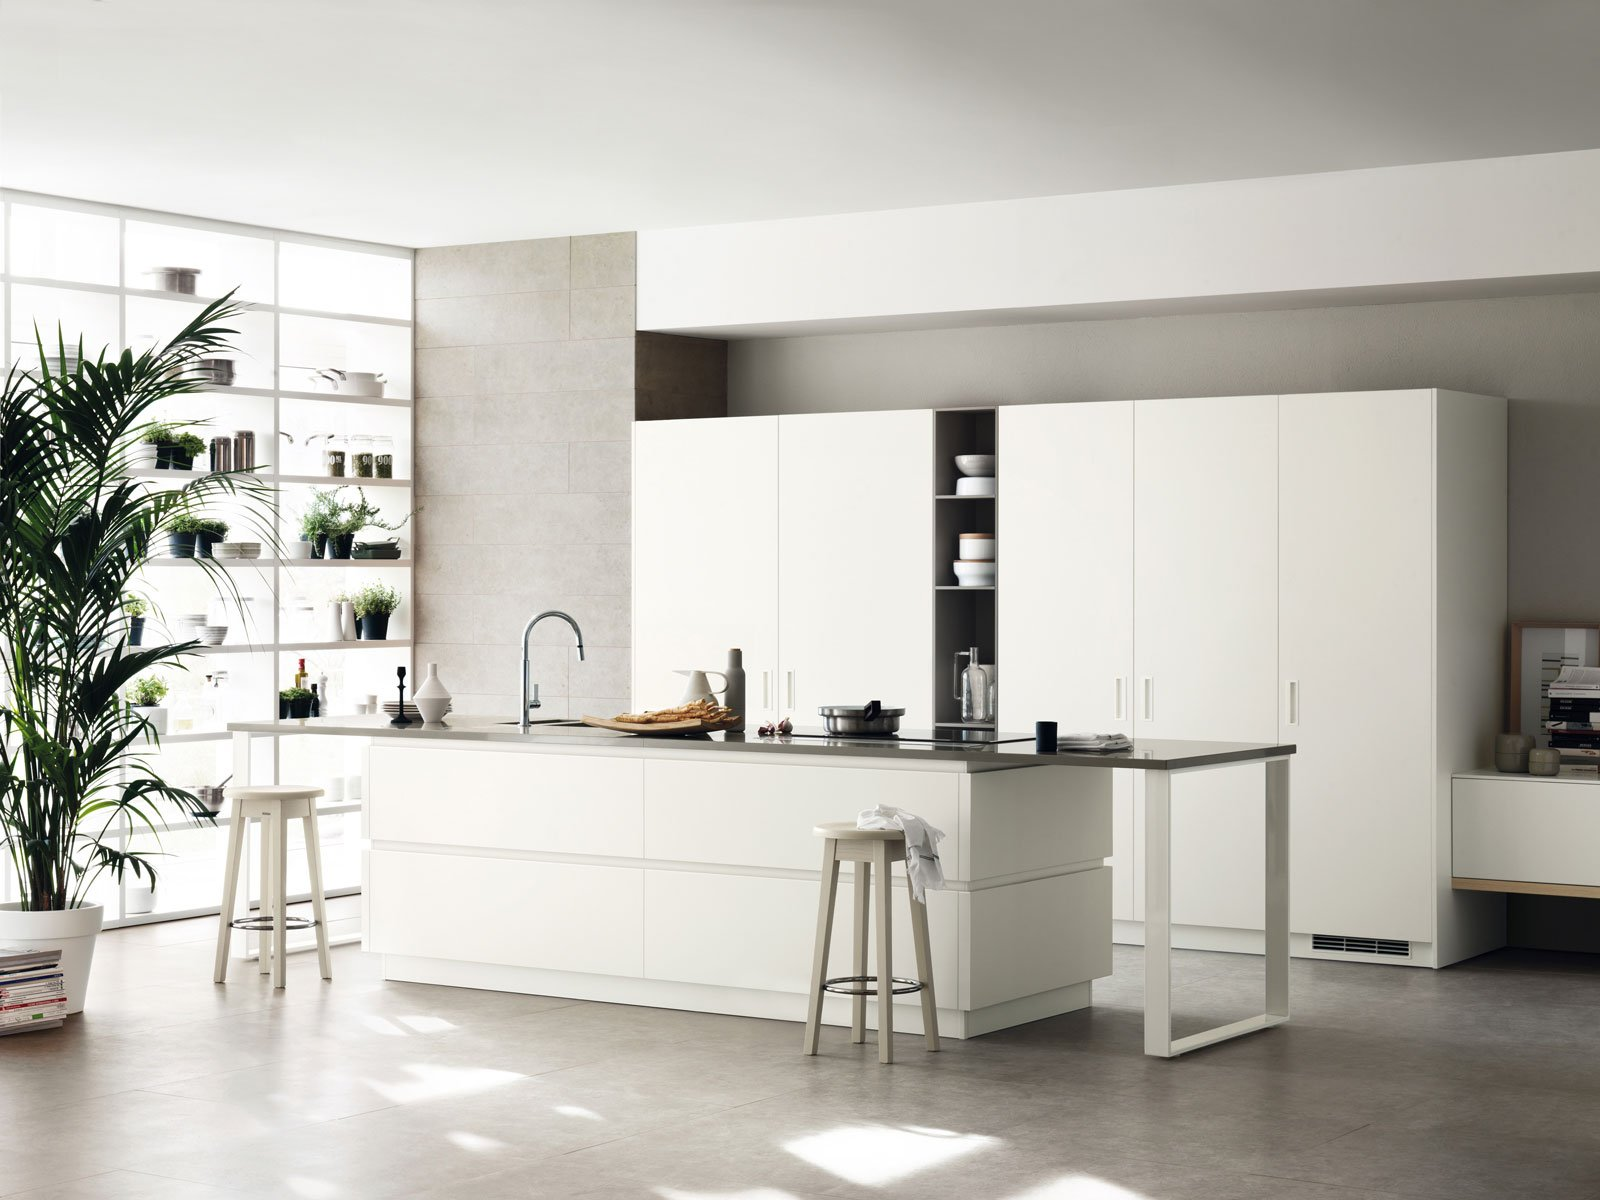 Armadiature a colonna per cucine trendy e funzionali for Piani di casa modulari con suite di lavoro